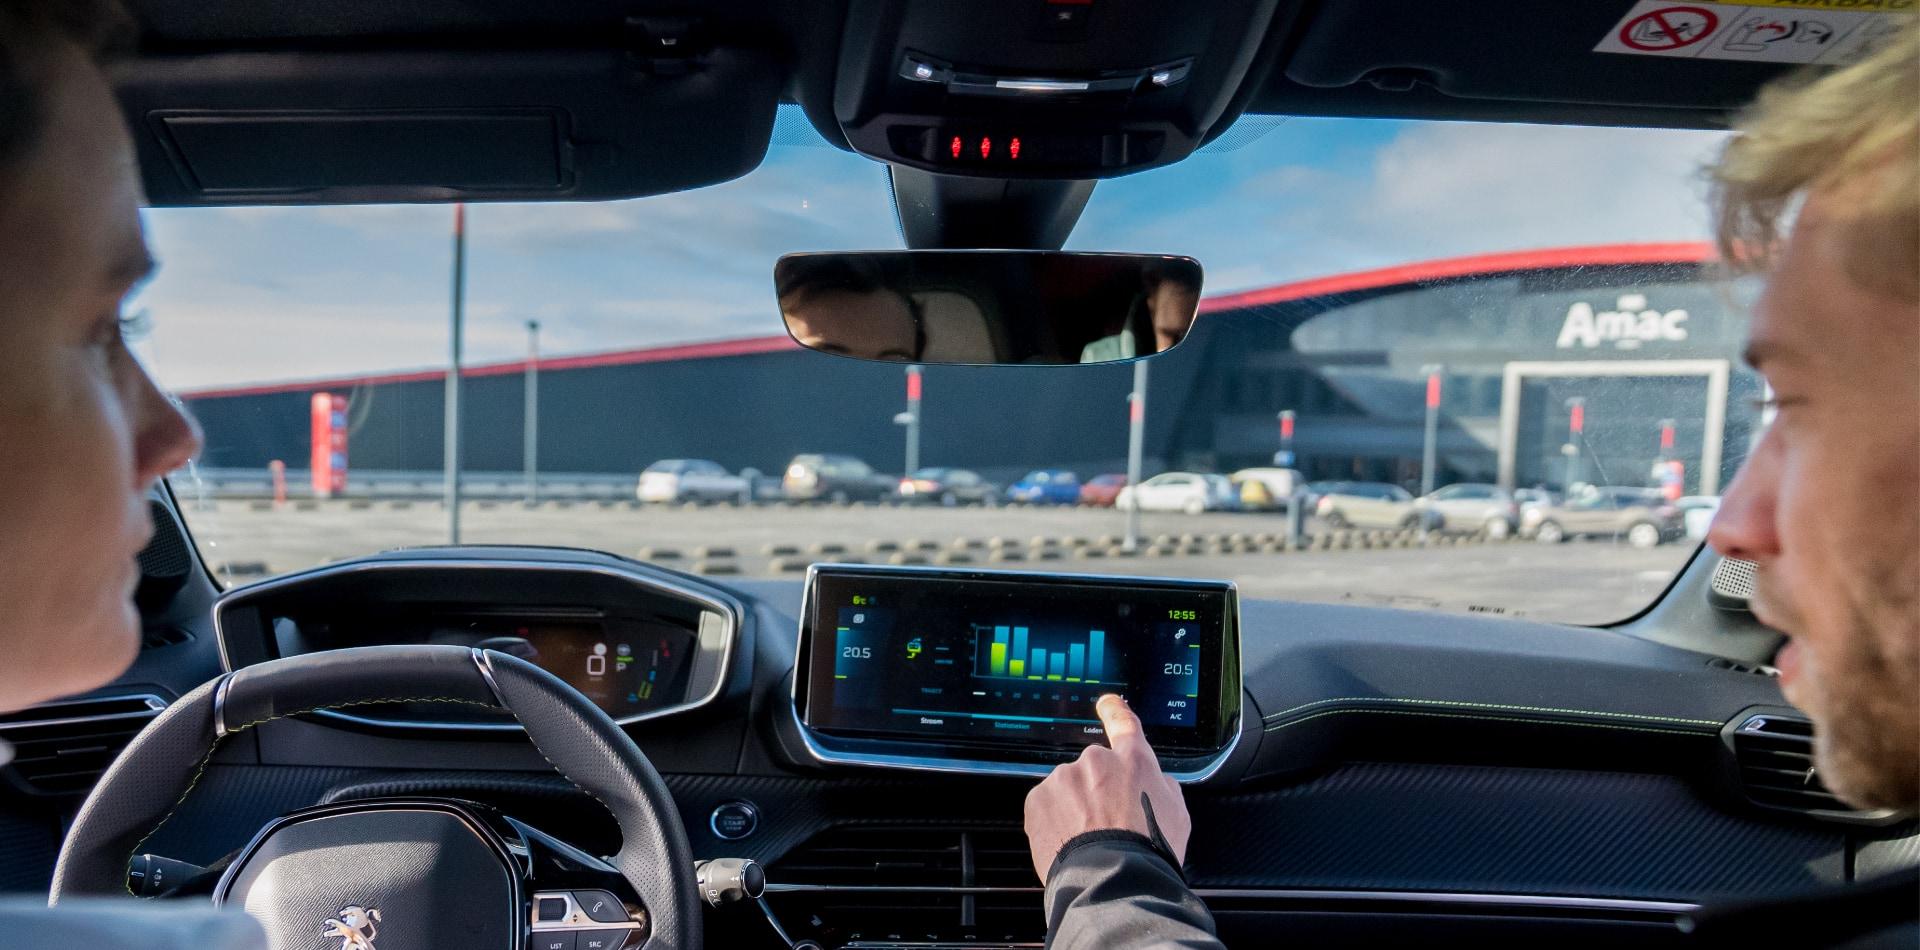 Verkeersregels- Snelheid op matrixborden en rechtshouden